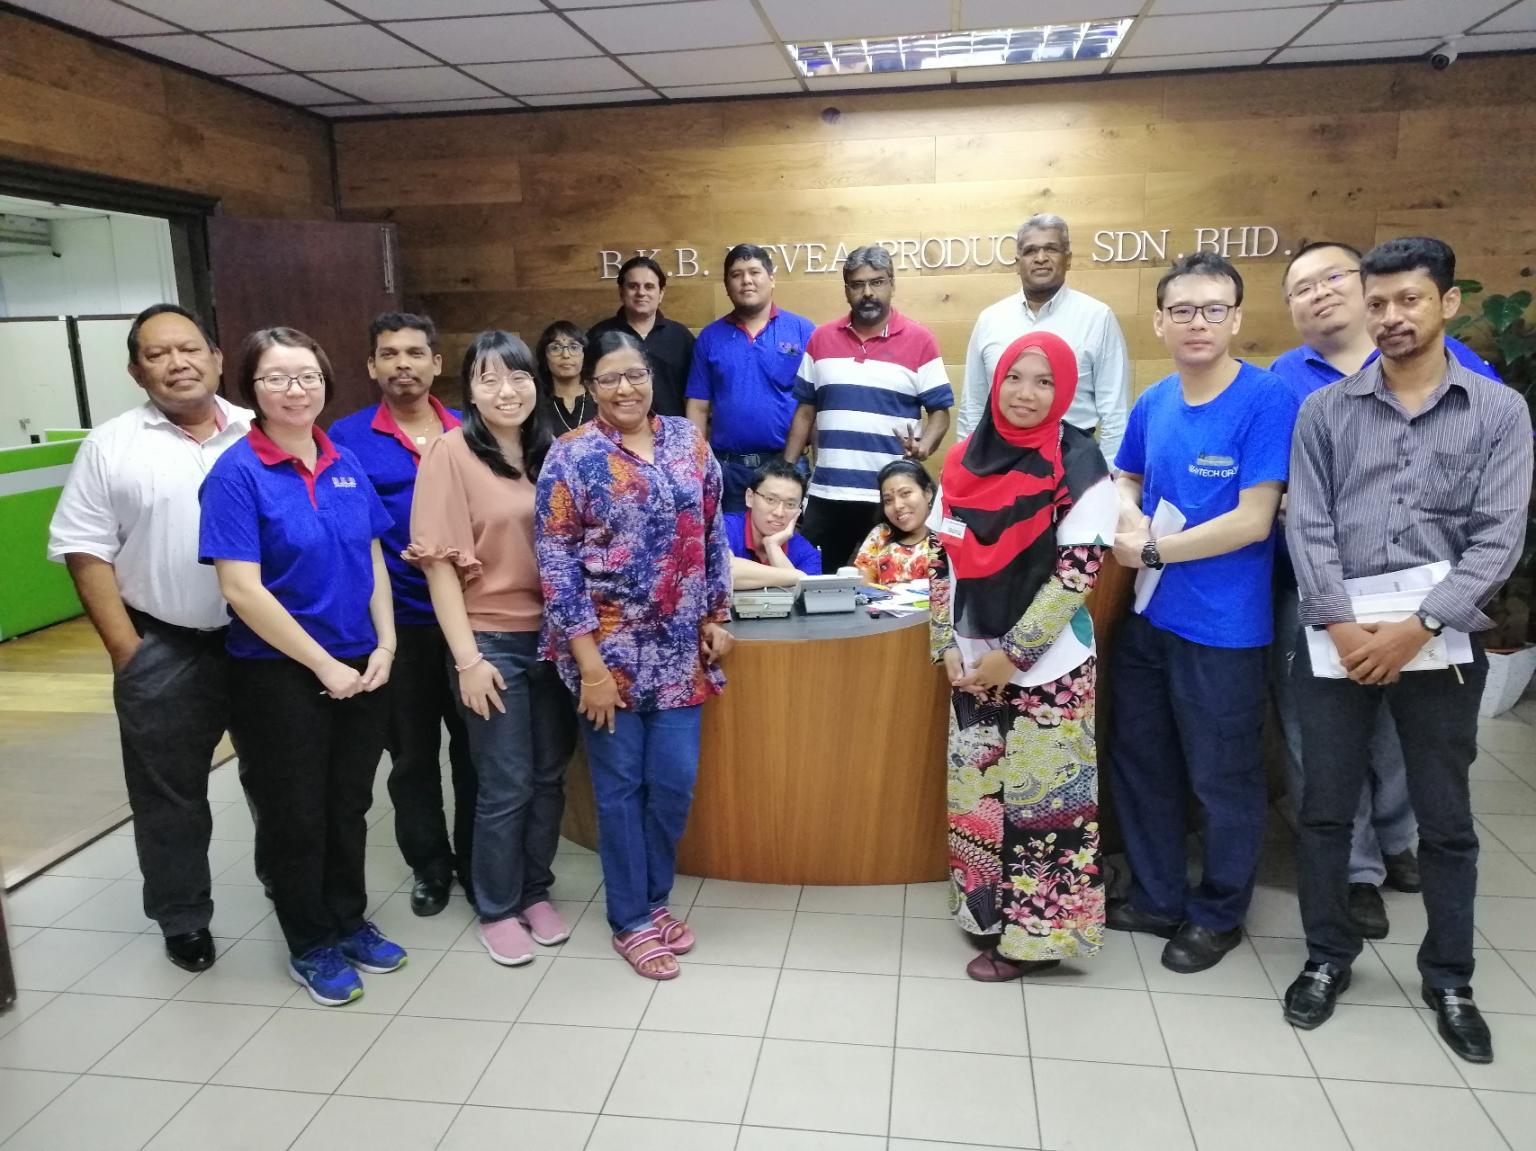 B.K.B Hevea Products Sdn Bhd